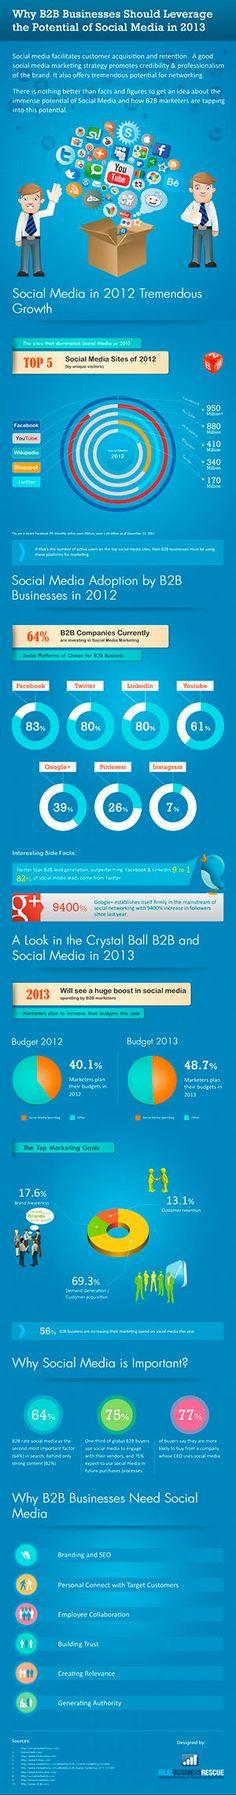 ¿Porqué las Empresas B2B deberían aprovechar más el Potencial de las Redes Sociales? Real Business Rescue, 2013